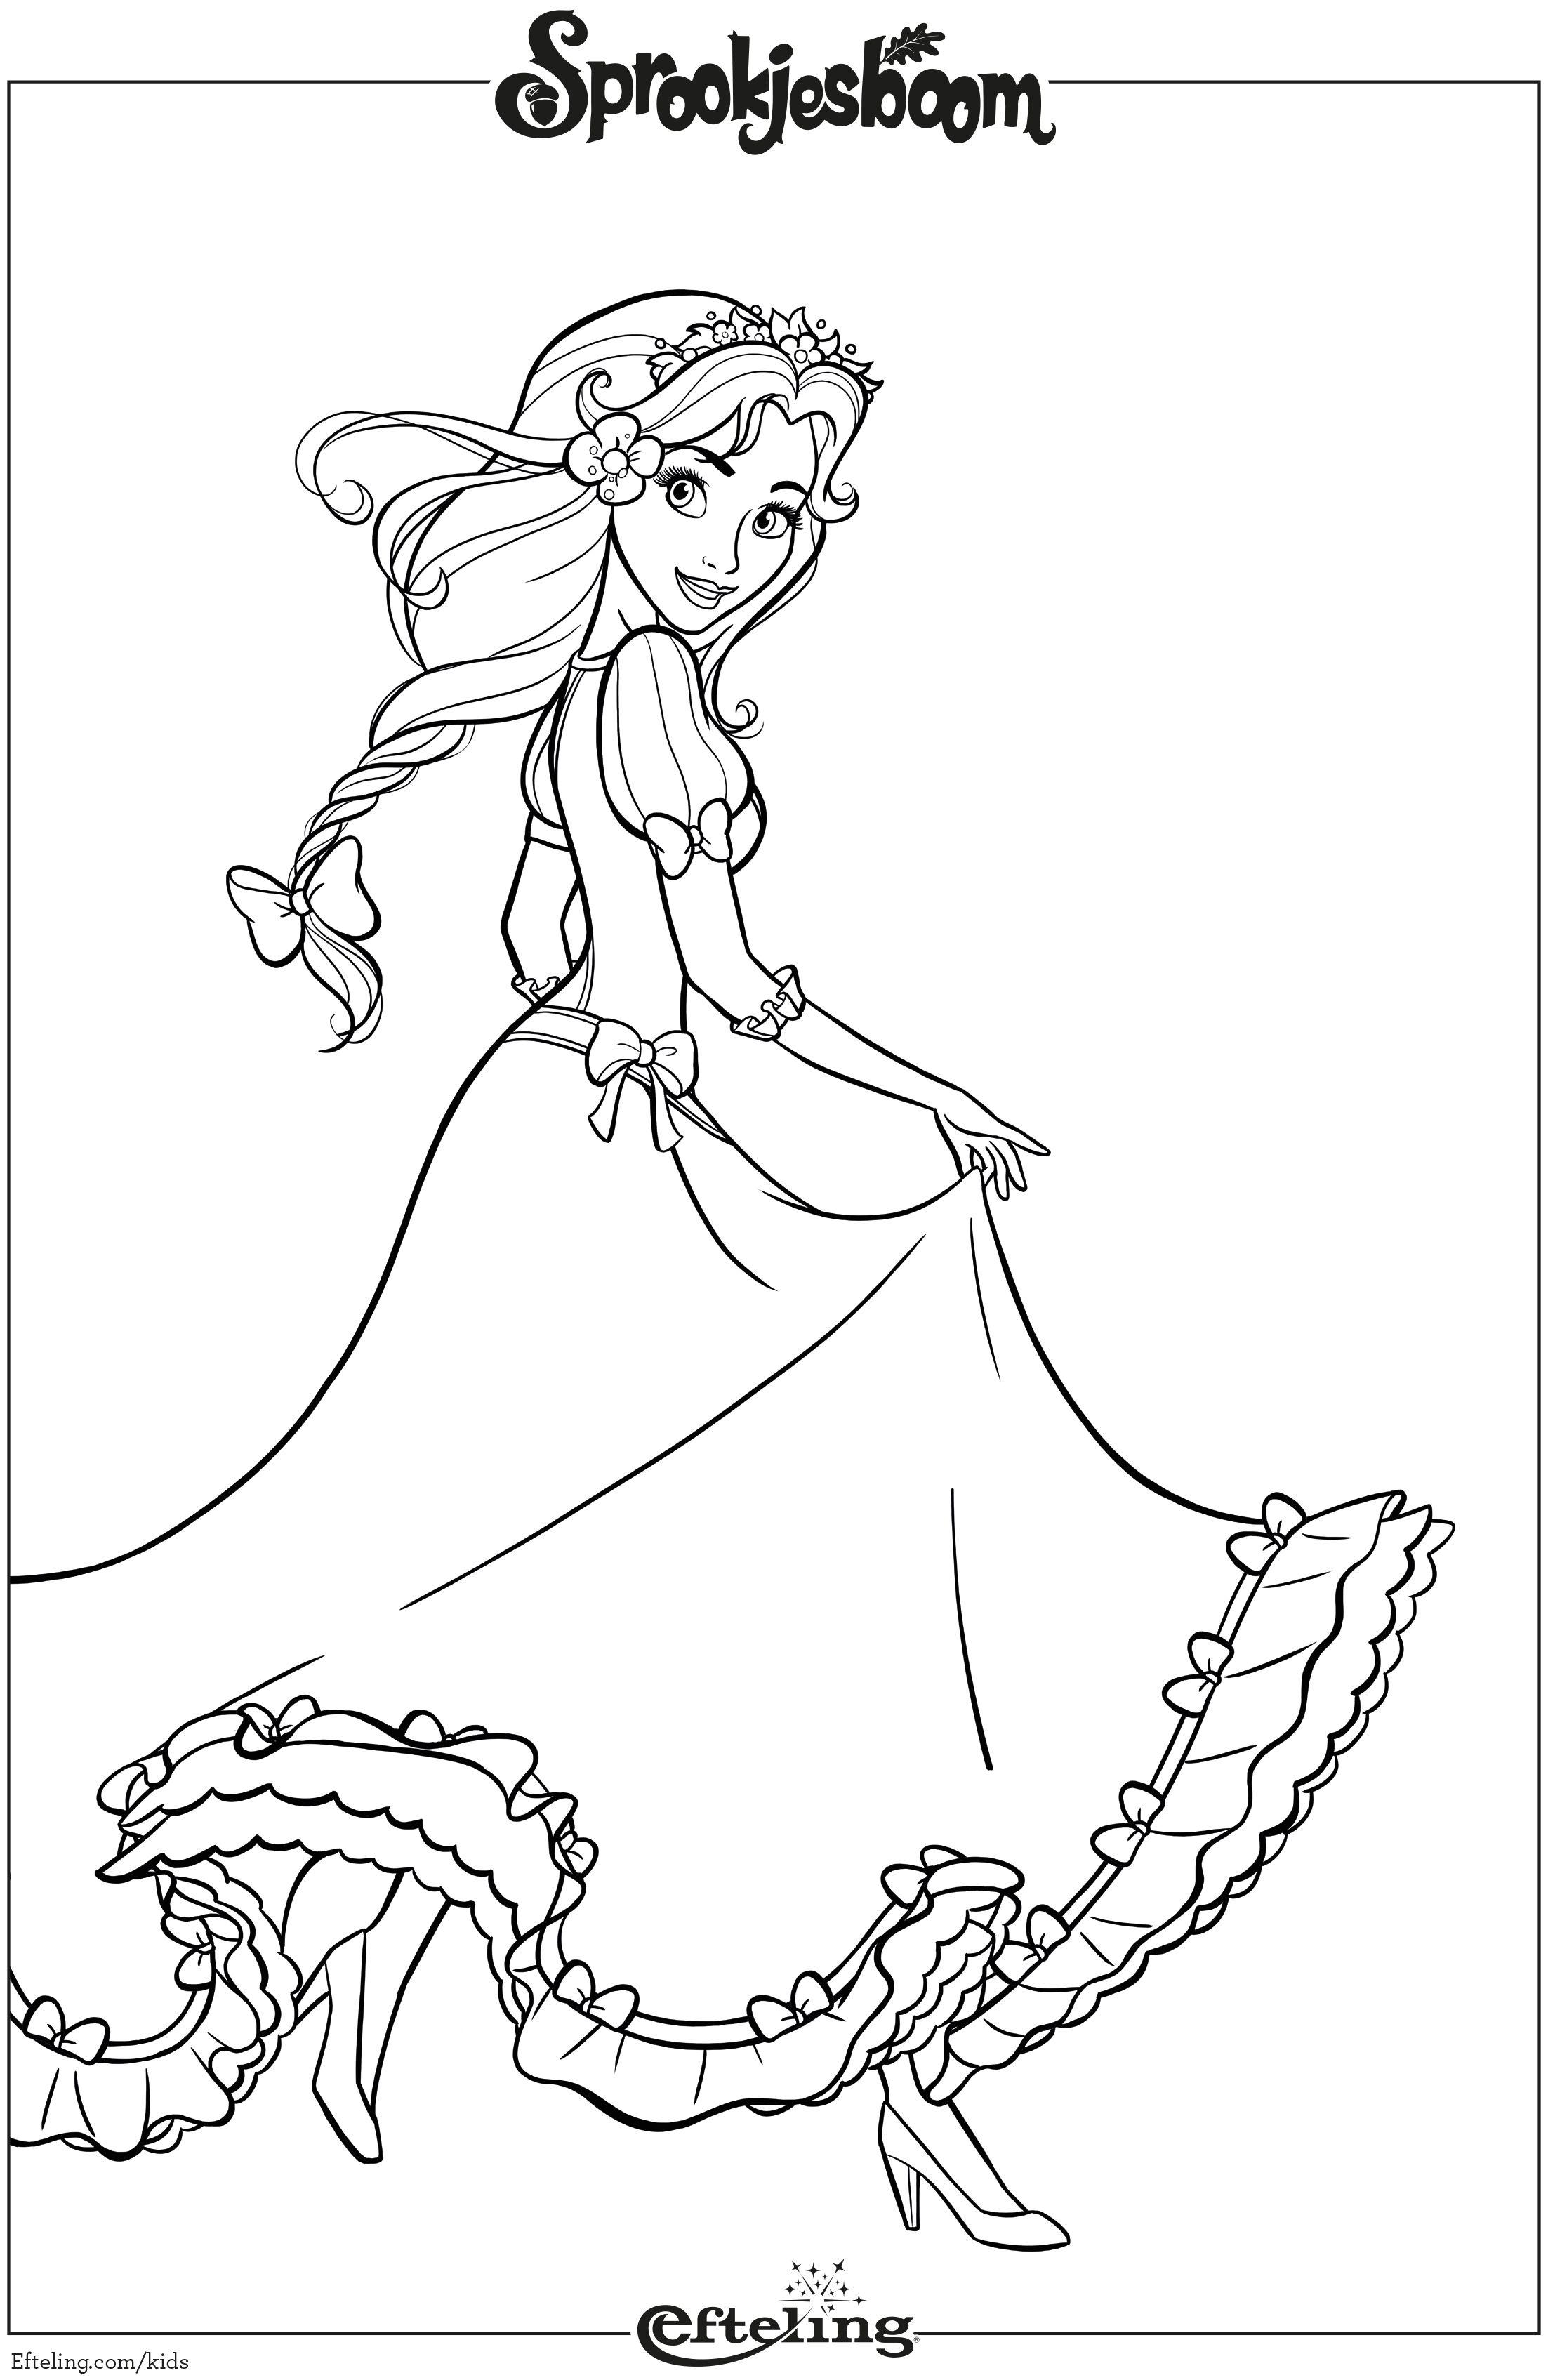 Kleurplaten Over Prinsessen.Assepoester Van Sprookjesboom Efteling Kleurplaat Efteling